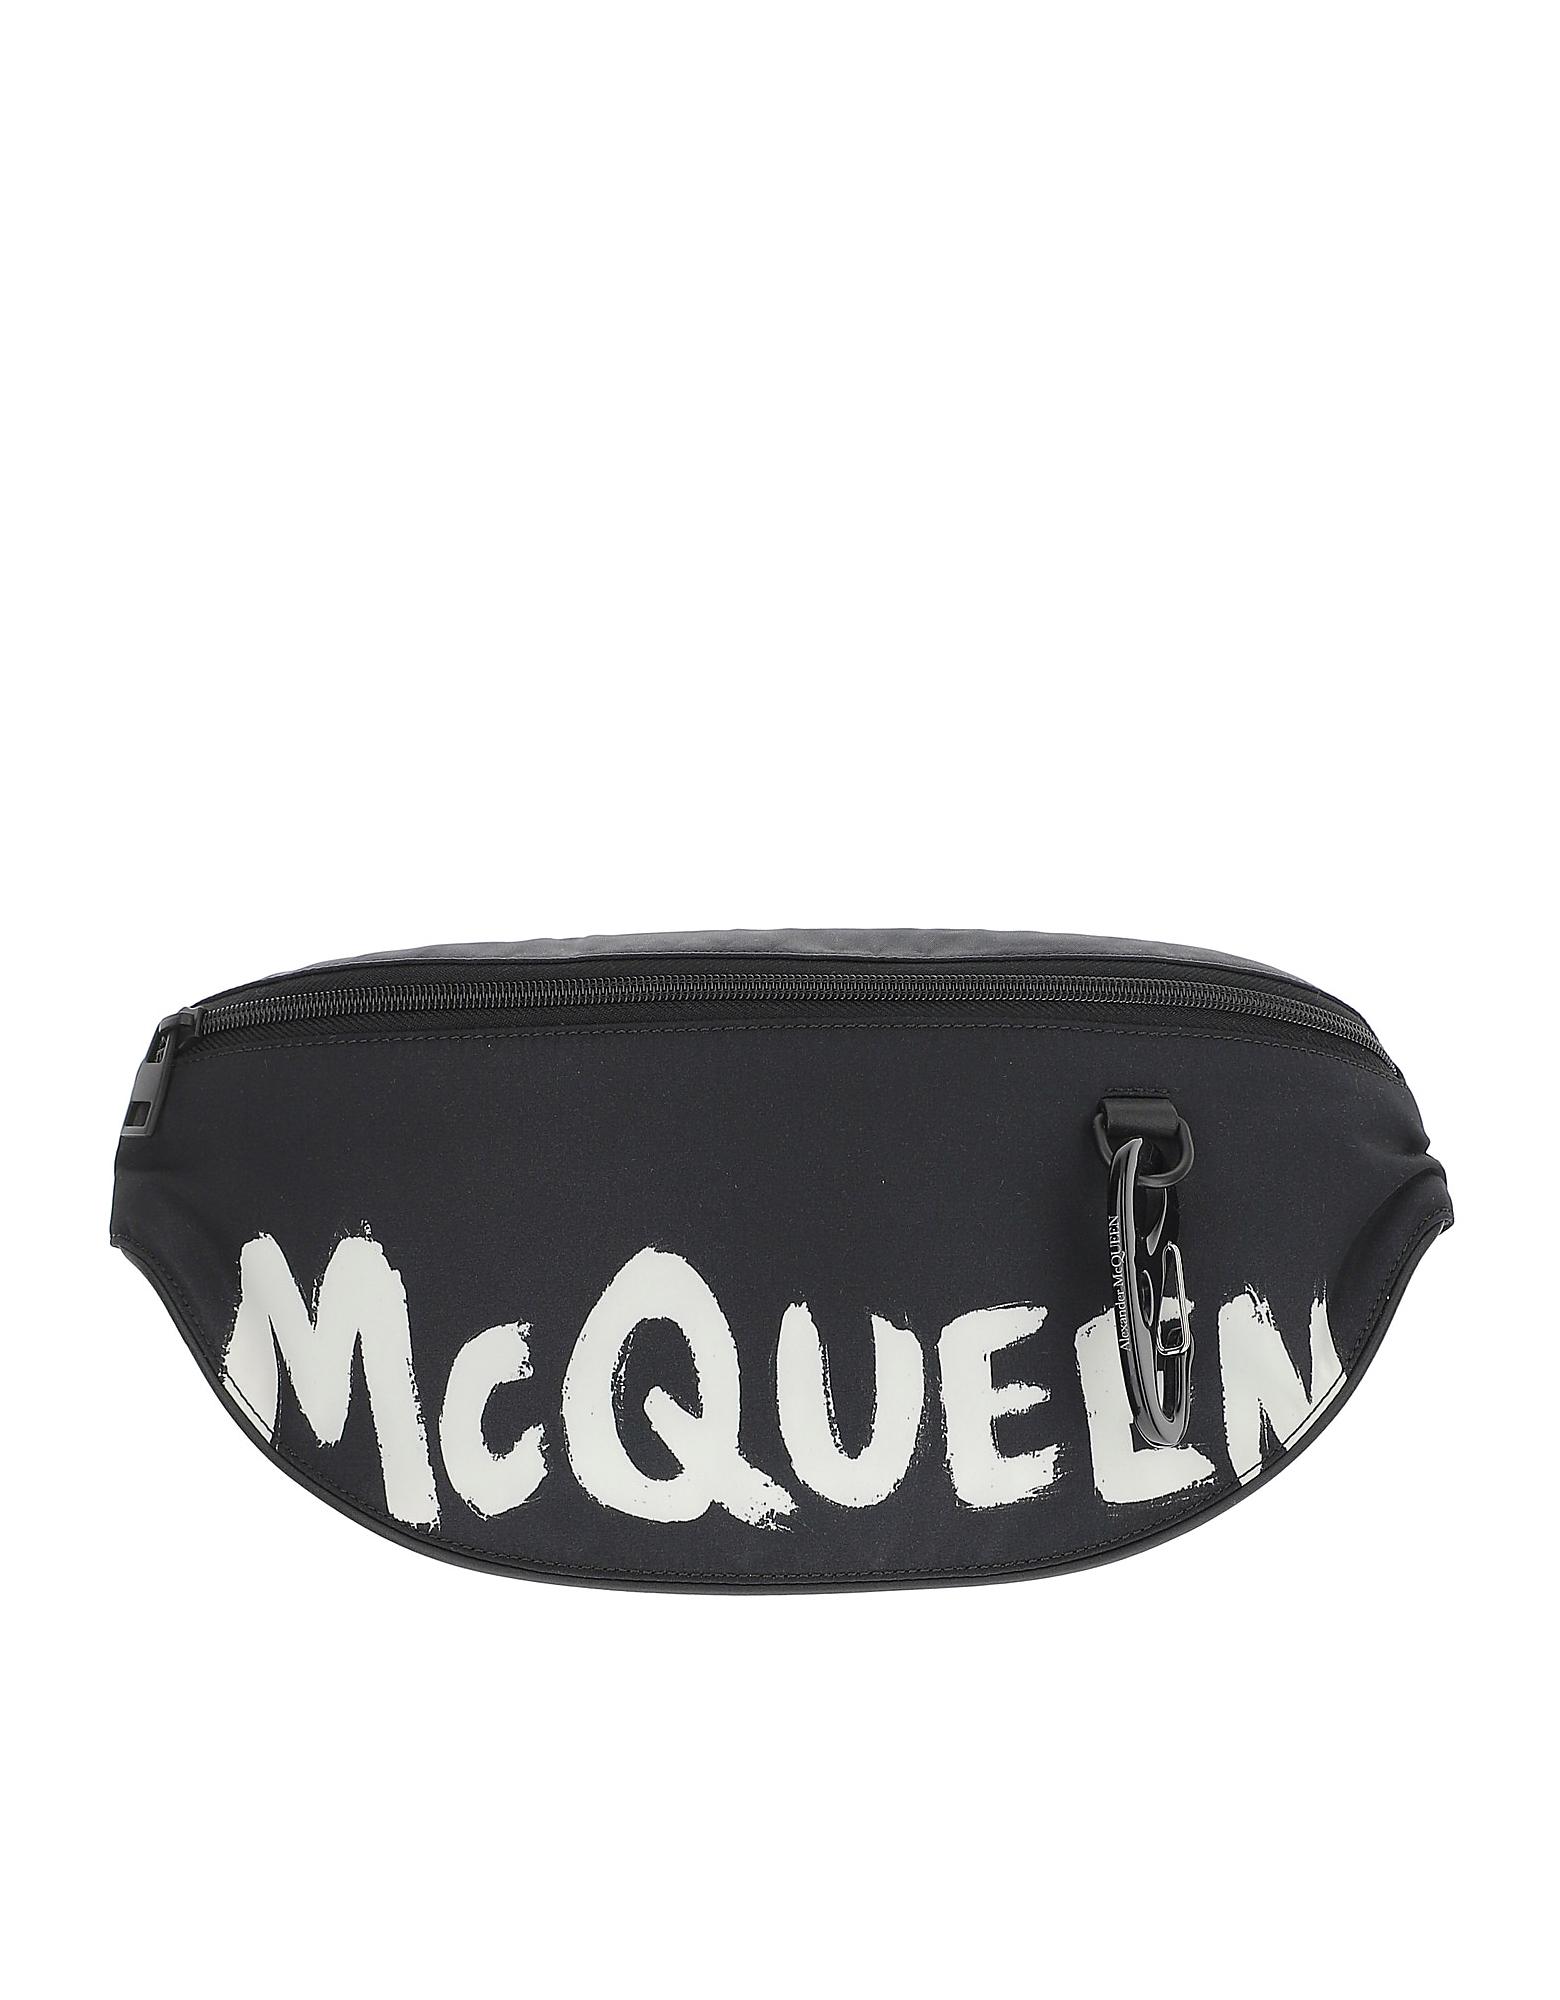 Alexander McQueen Designer Men's Bags, Black Harness Oversize Belt Bag